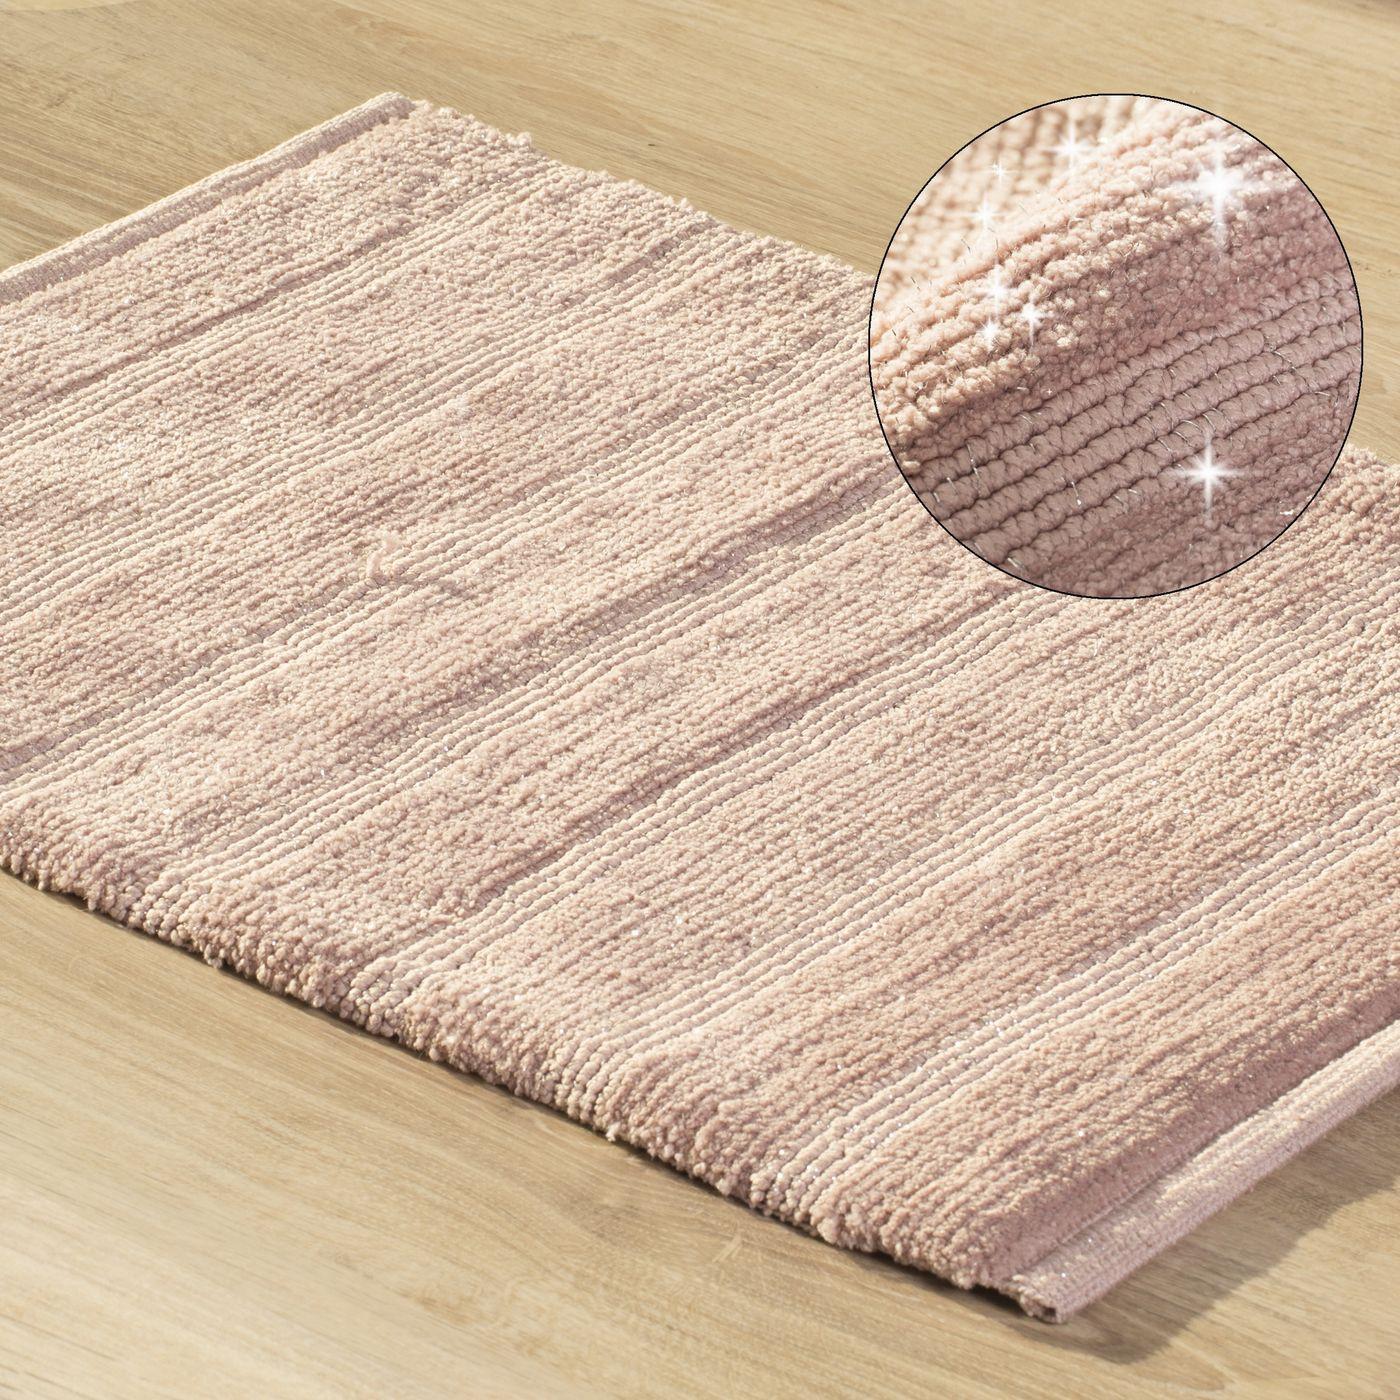 Łazienkowy dywanik w paski splot pętelkowy różowy 50x70 cm